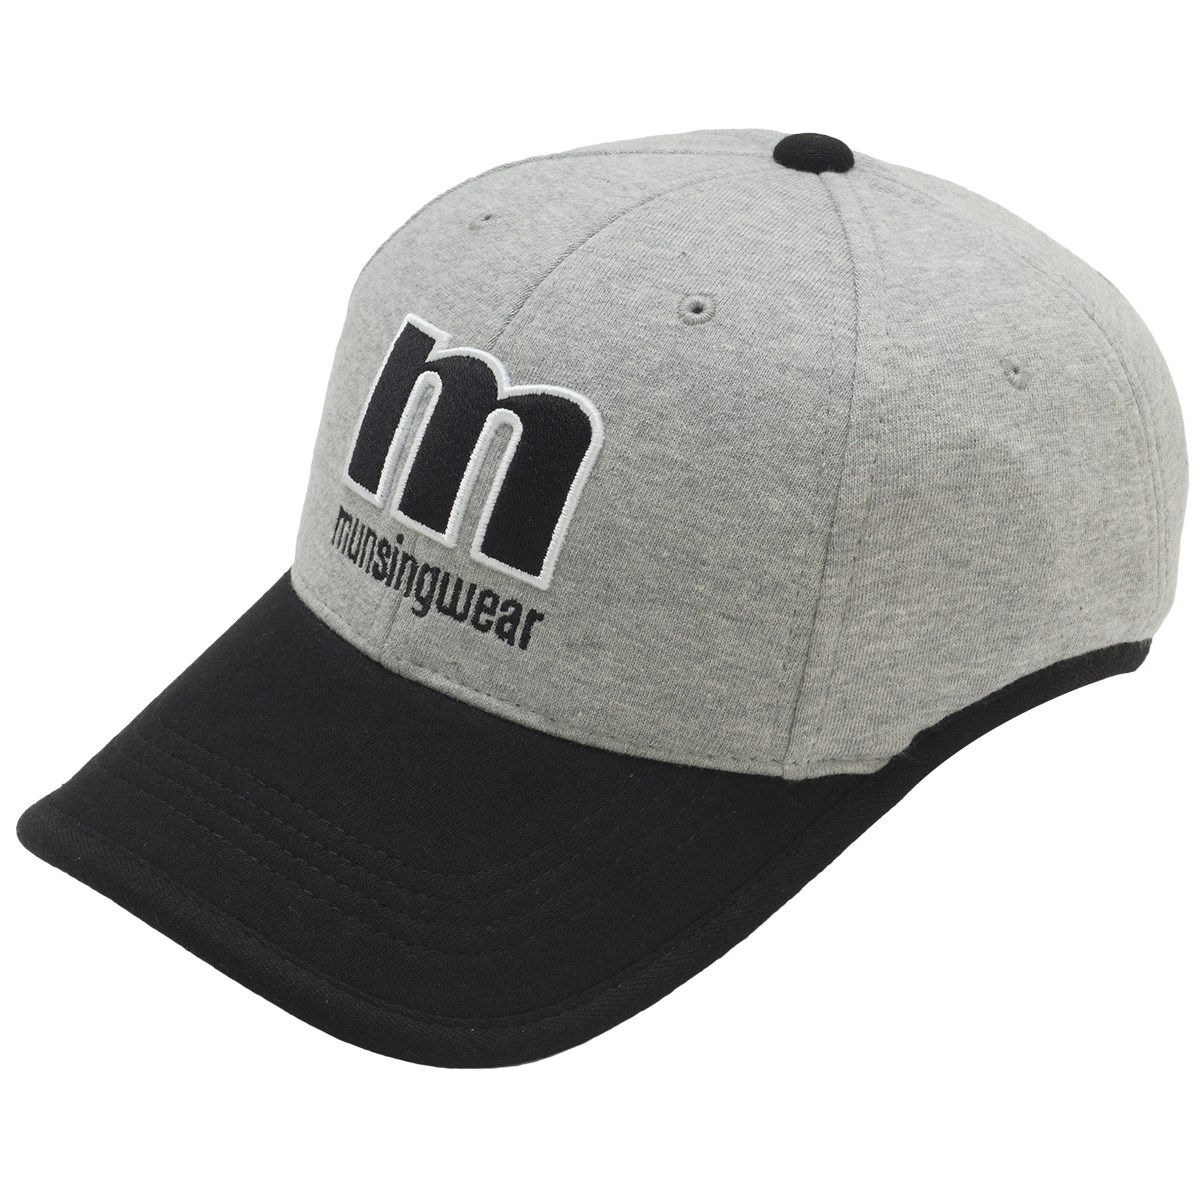 マンシングウェア Munsingwear カラーコンビボンディングキャップ フリー グレー 00 レディス